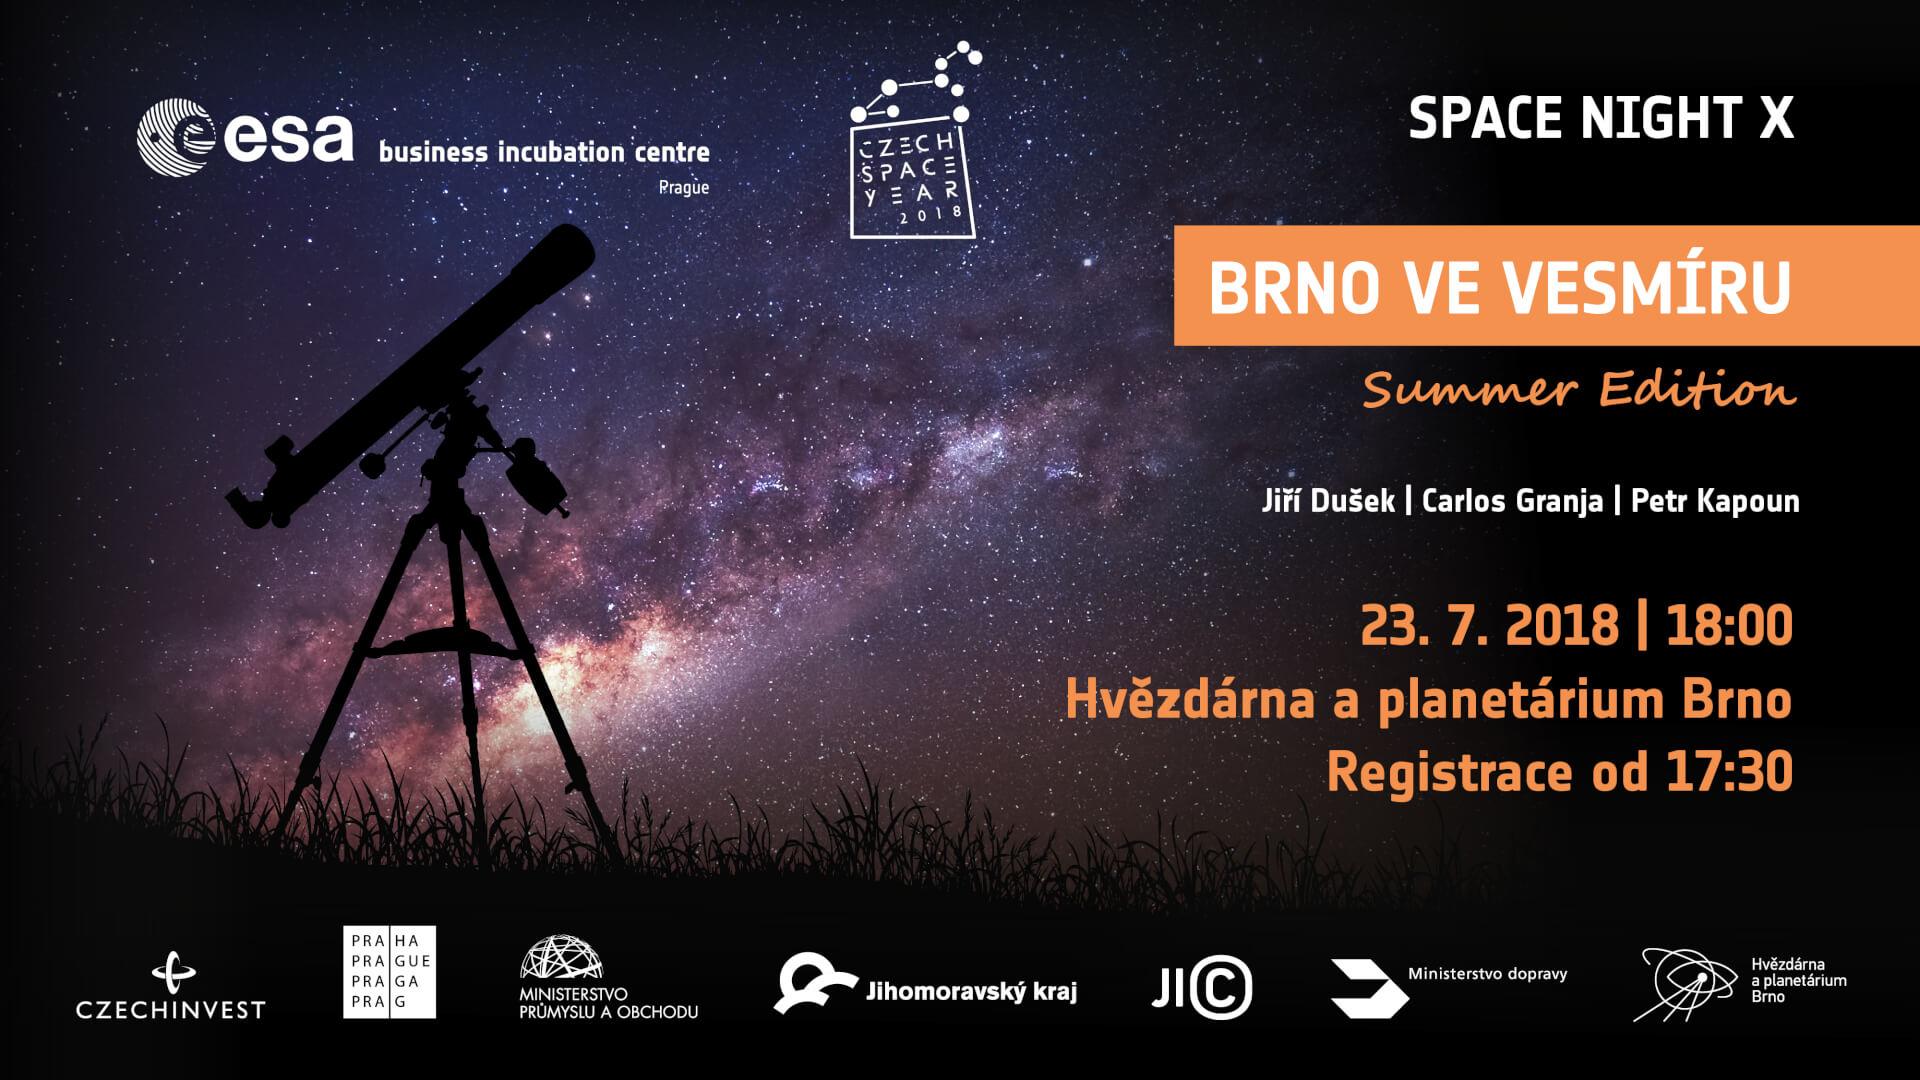 Space Night X: BRNO VE VESMÍRU